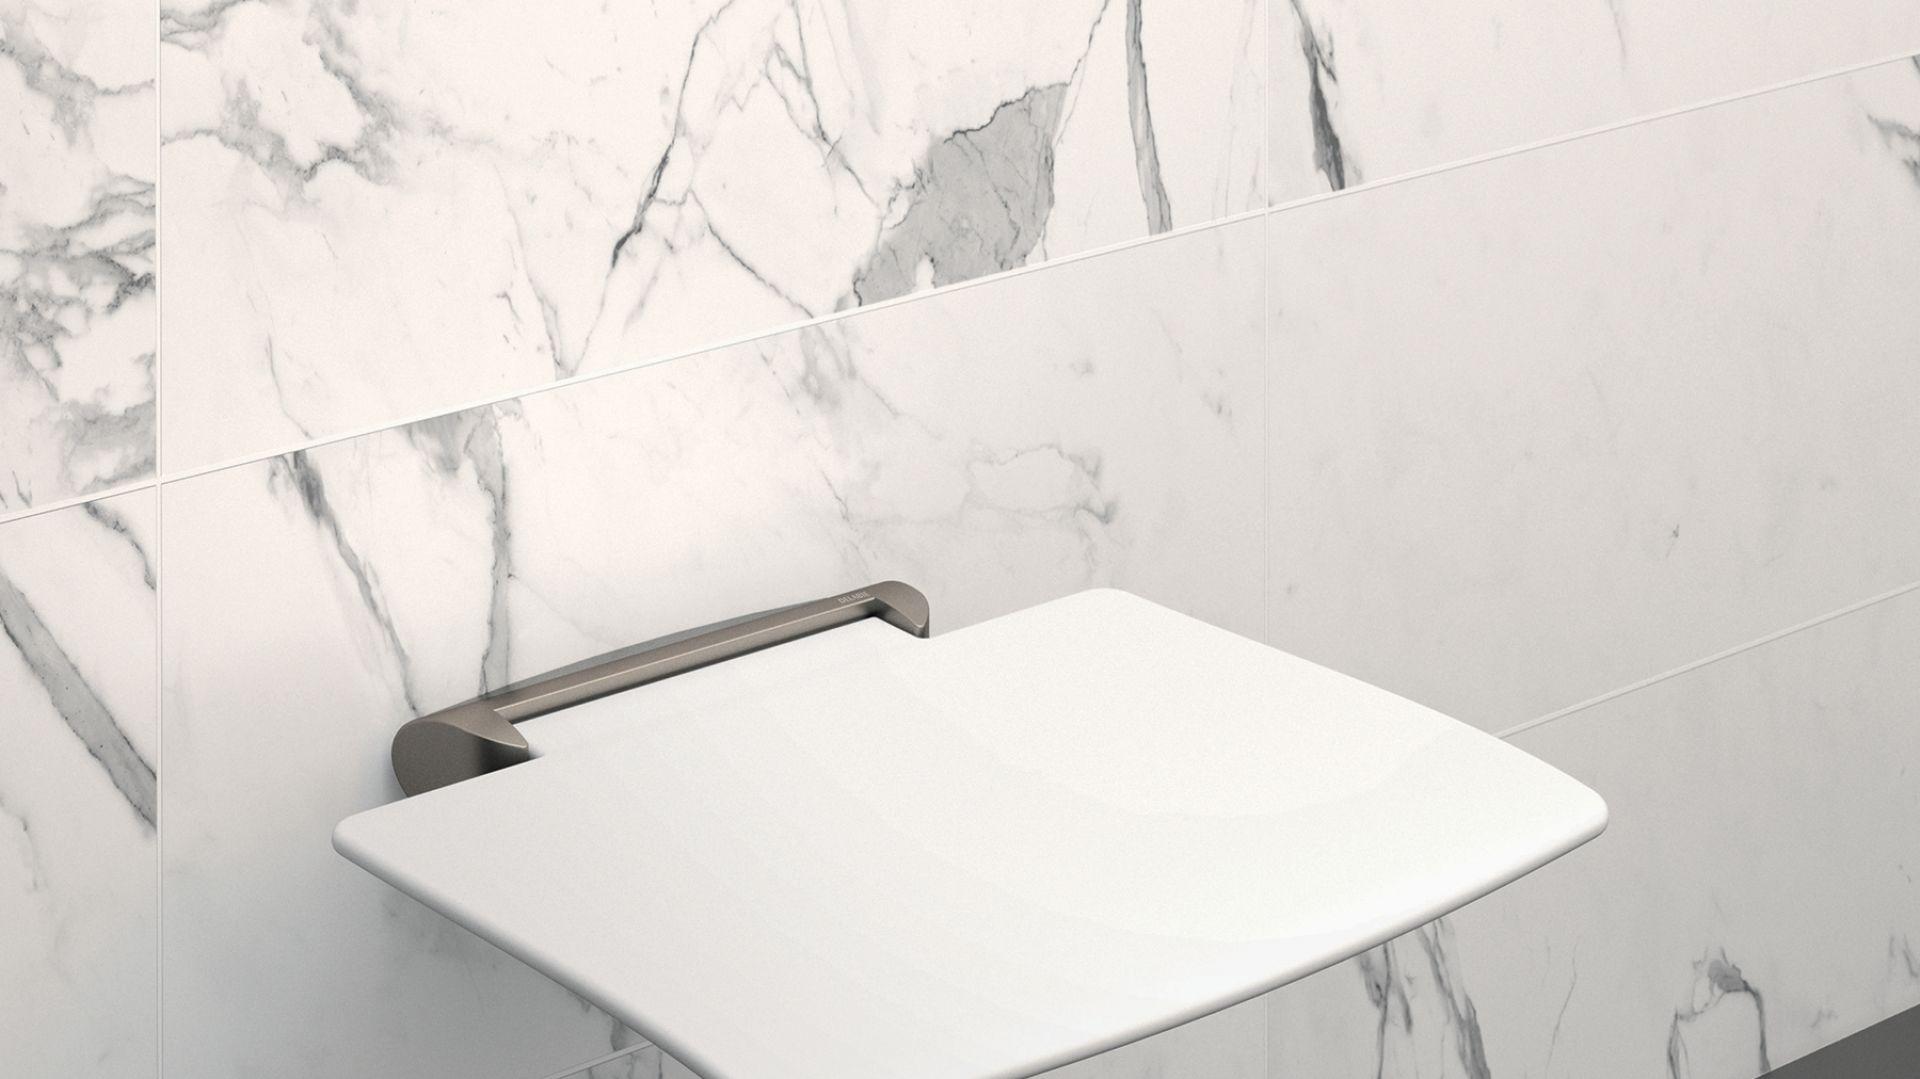 Składane siedzisko natryskowe Be-Line®/Delabie. Produkt zgłoszony do konkursu Dobry Design 2019.